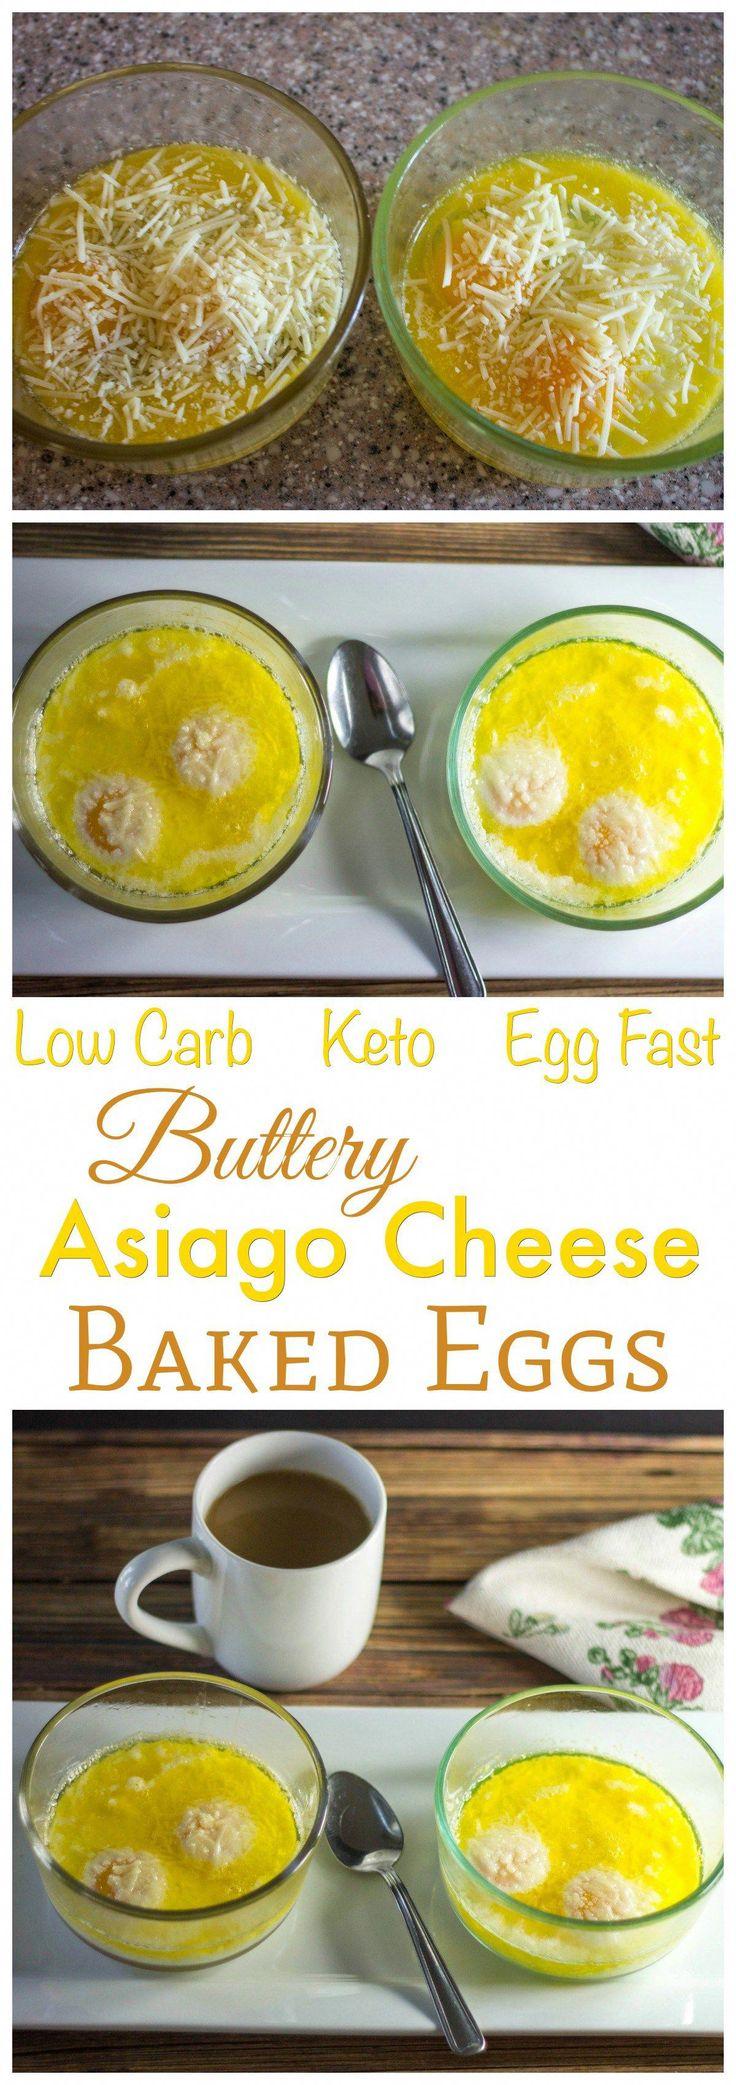 Méthodes faciles pour perdre du poids avec ce régime à base d'œufs à la coque Programme # ~ Desserts   – ~Desserts